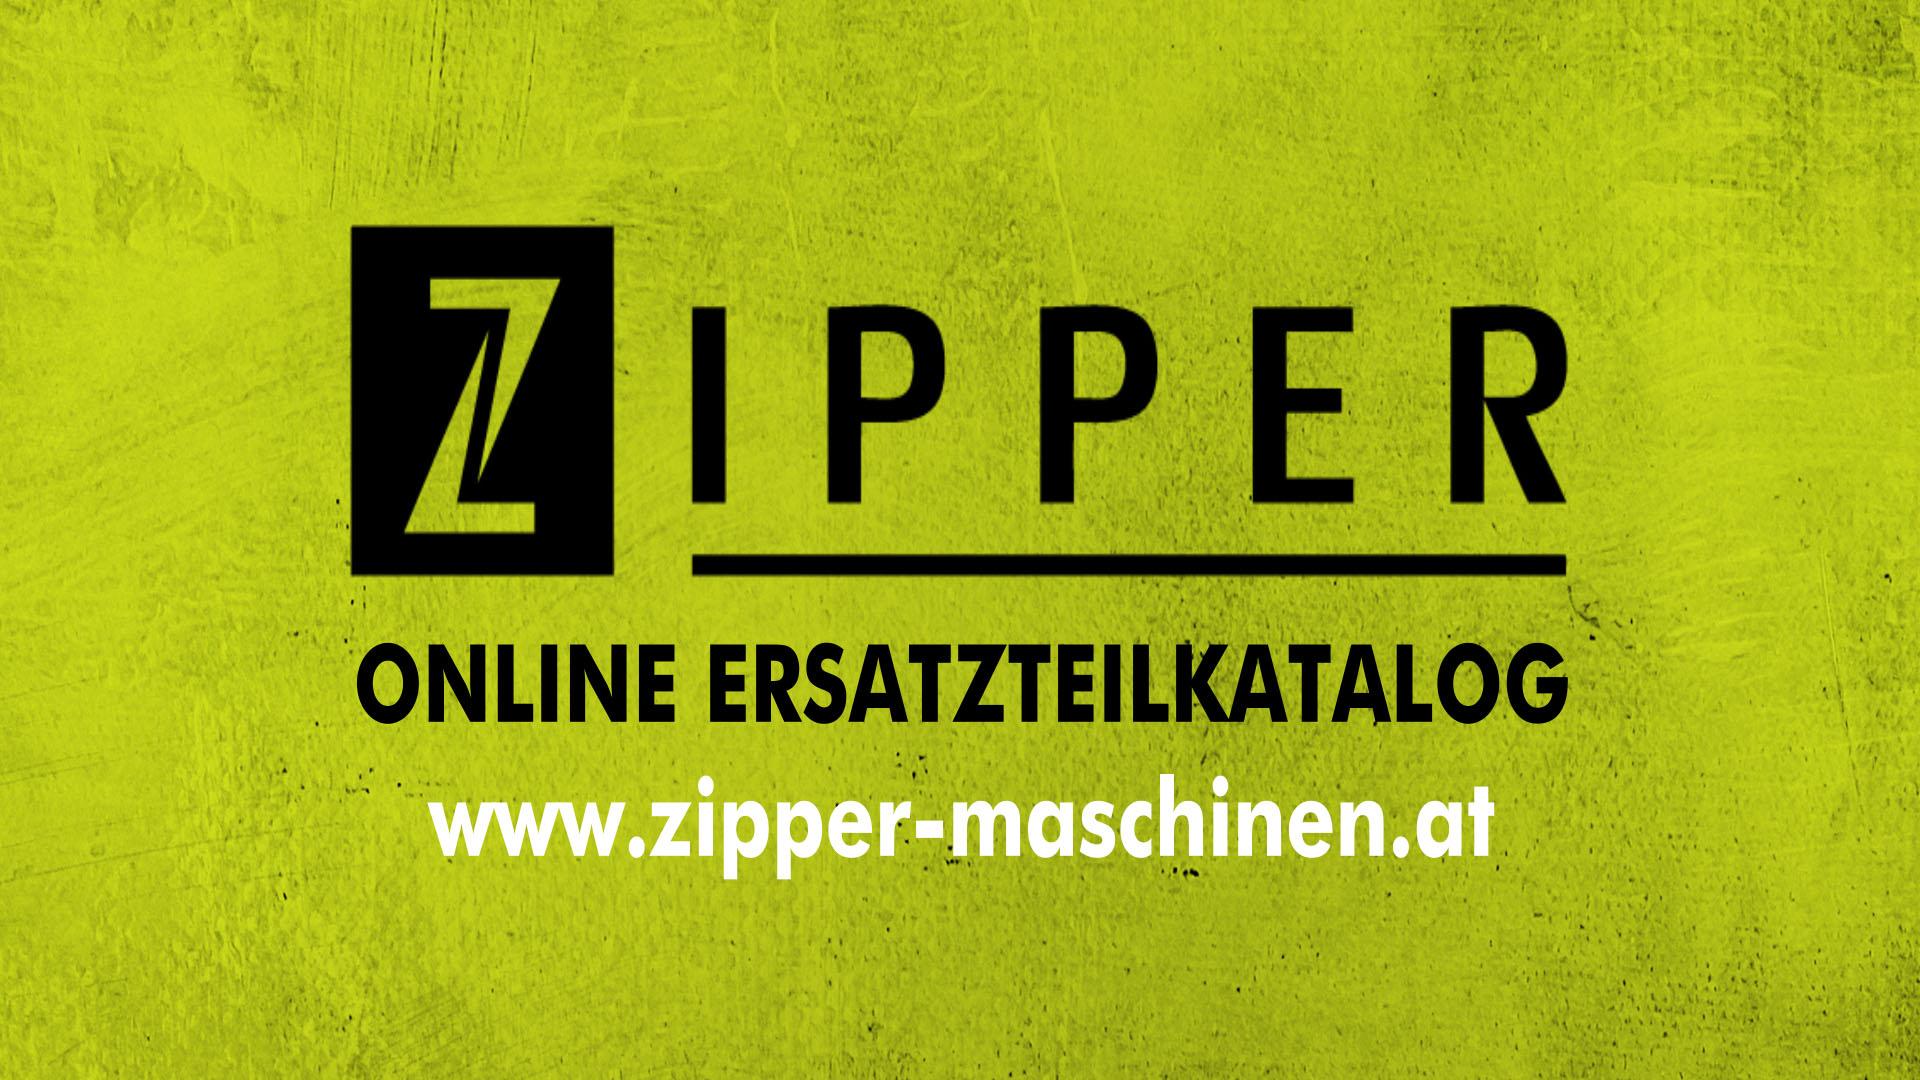 Zipper Maschinen Ersatzteil Vergaser passend zu RPE60 RPE90 RPE120G RAM80V